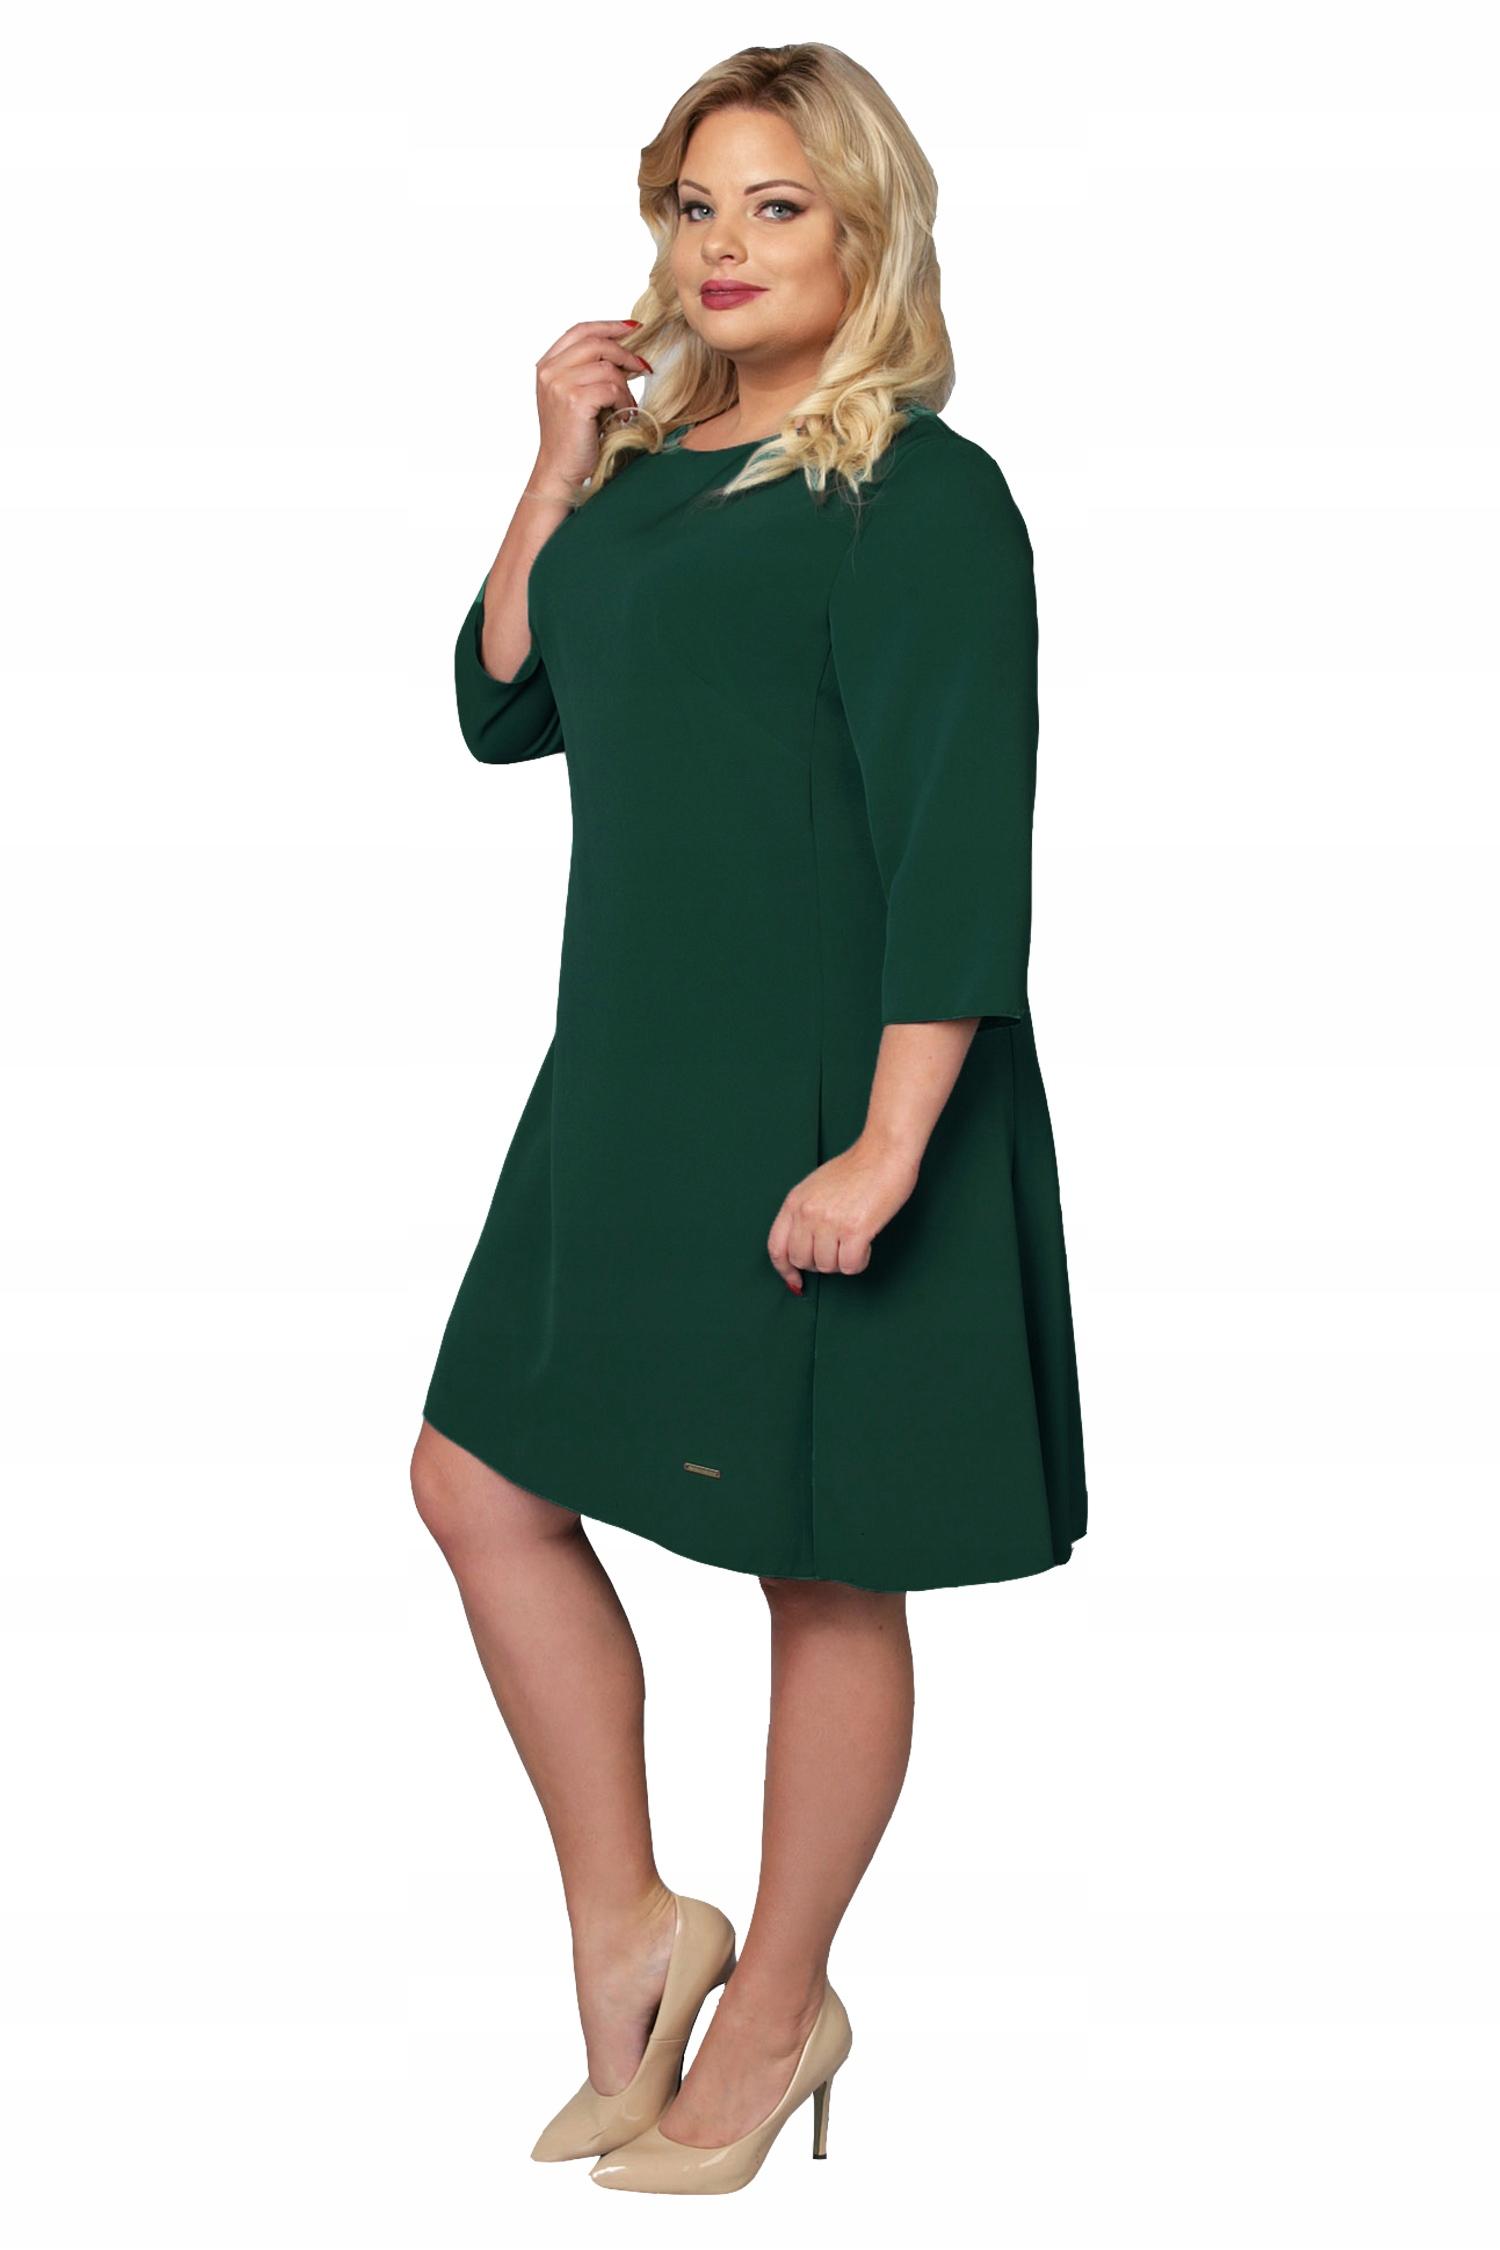 b70501e473 Sukienka BARBIE elegancka trapezowa zieleń 48 - 7537343705 ...